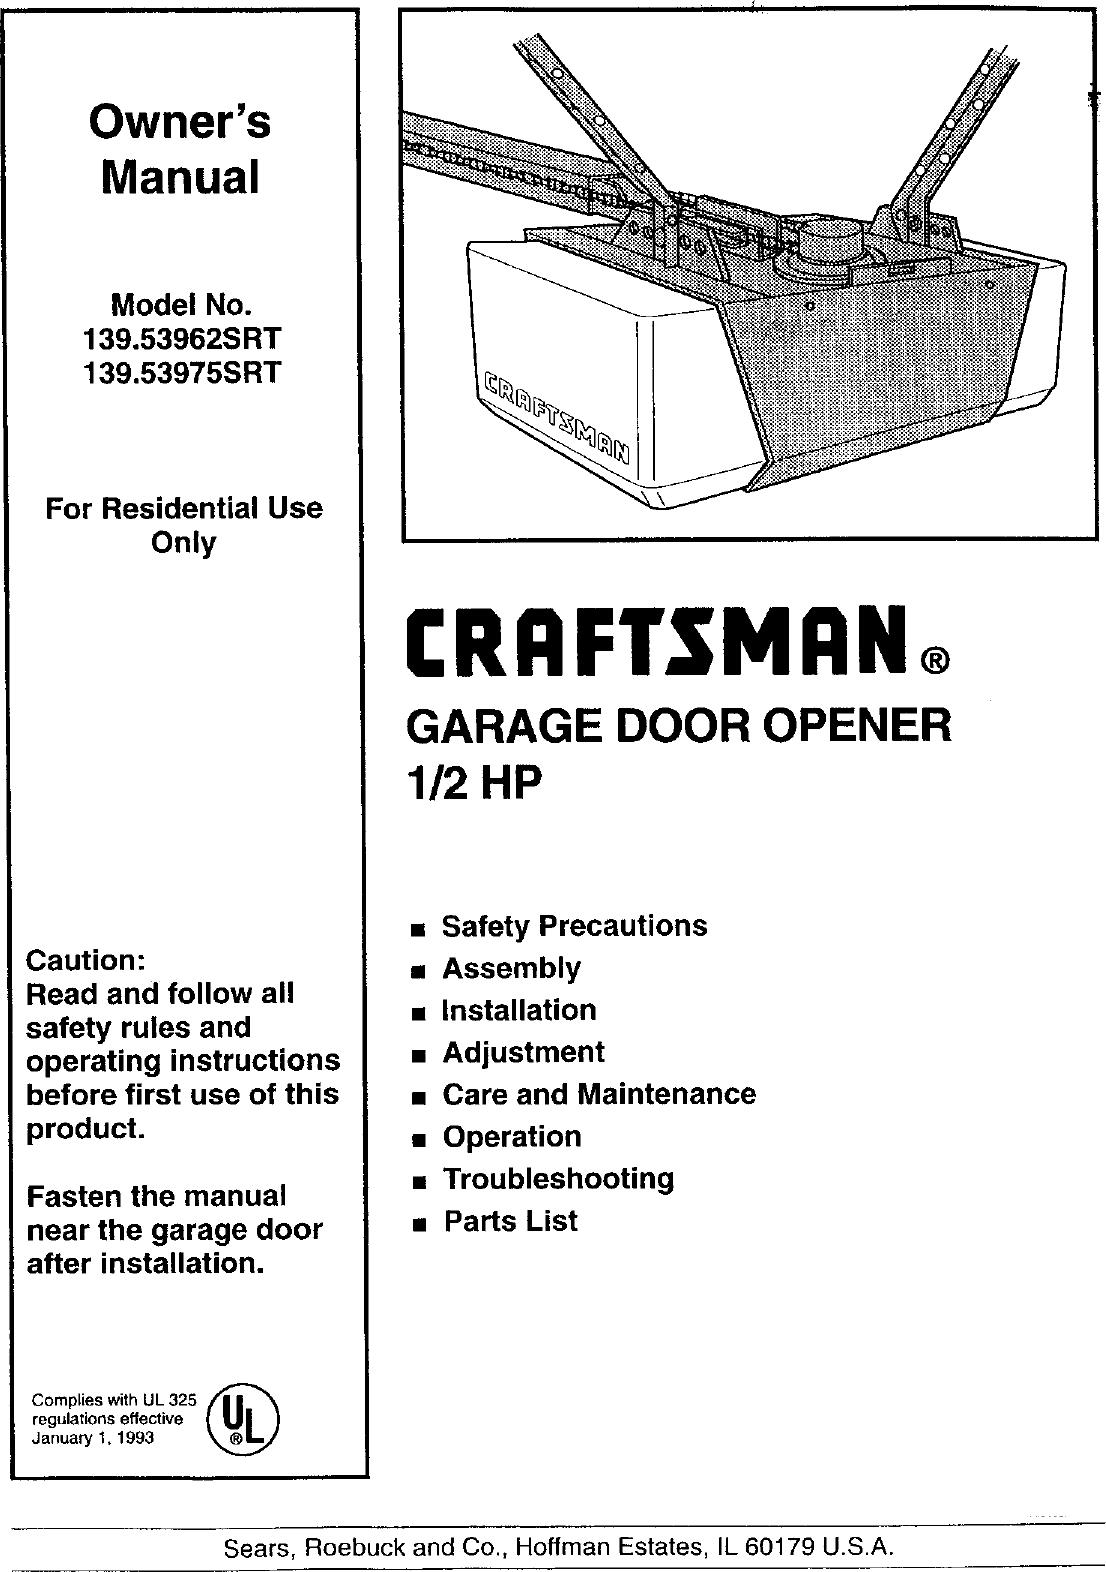 Craftsman Garage Door Opener Manual 1999 1 2 Hp | Dandk ...